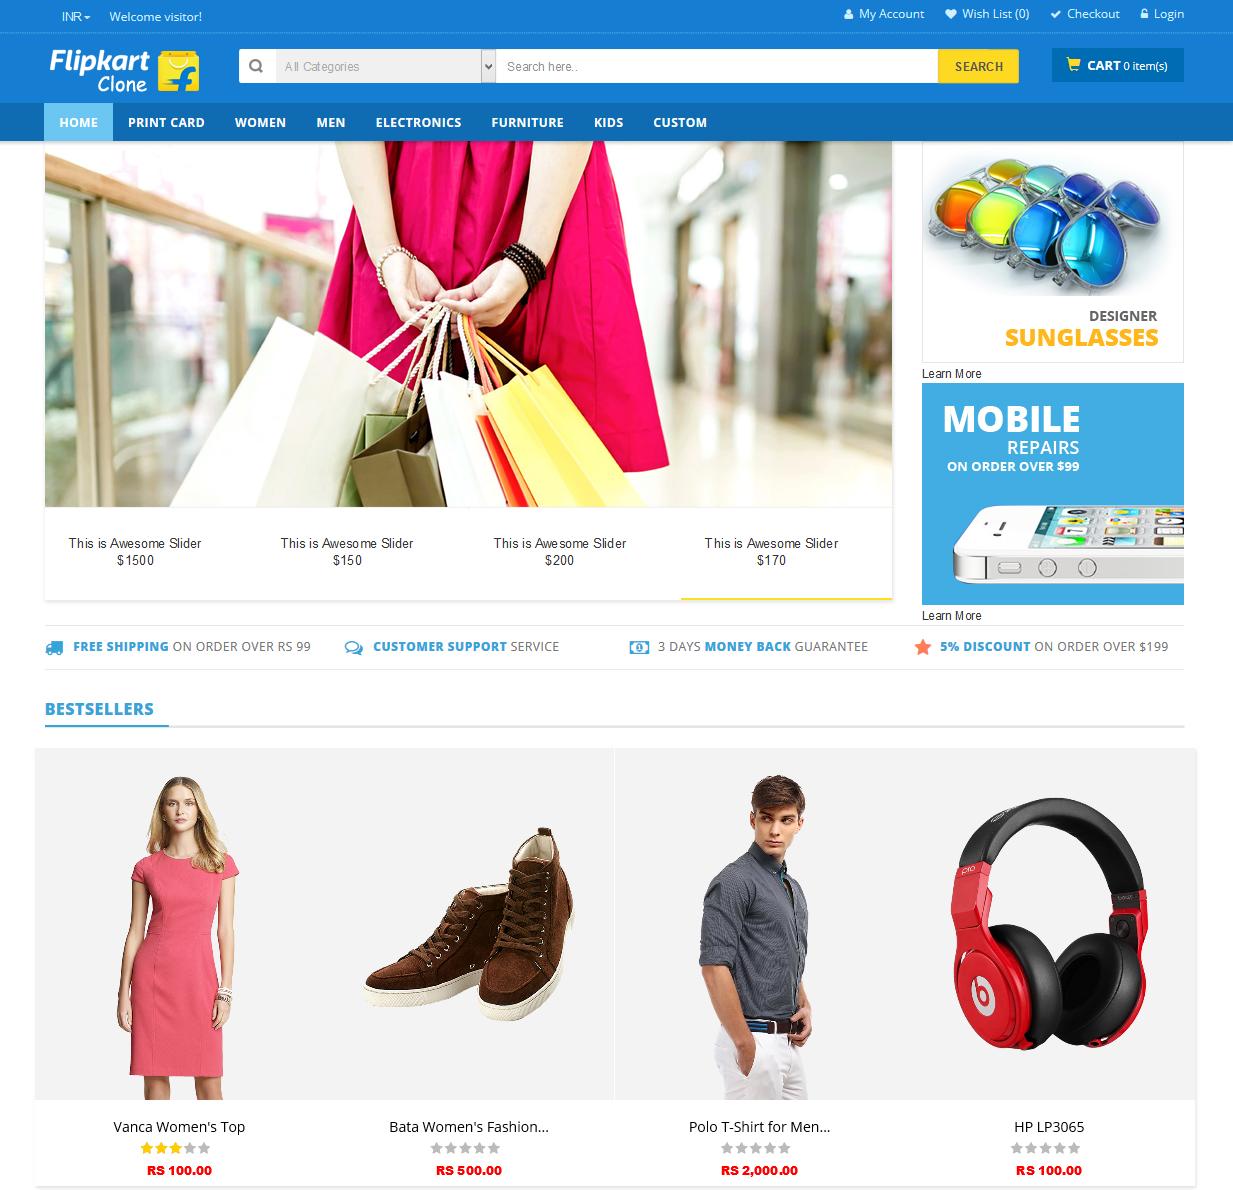 flipkart-user-homepage